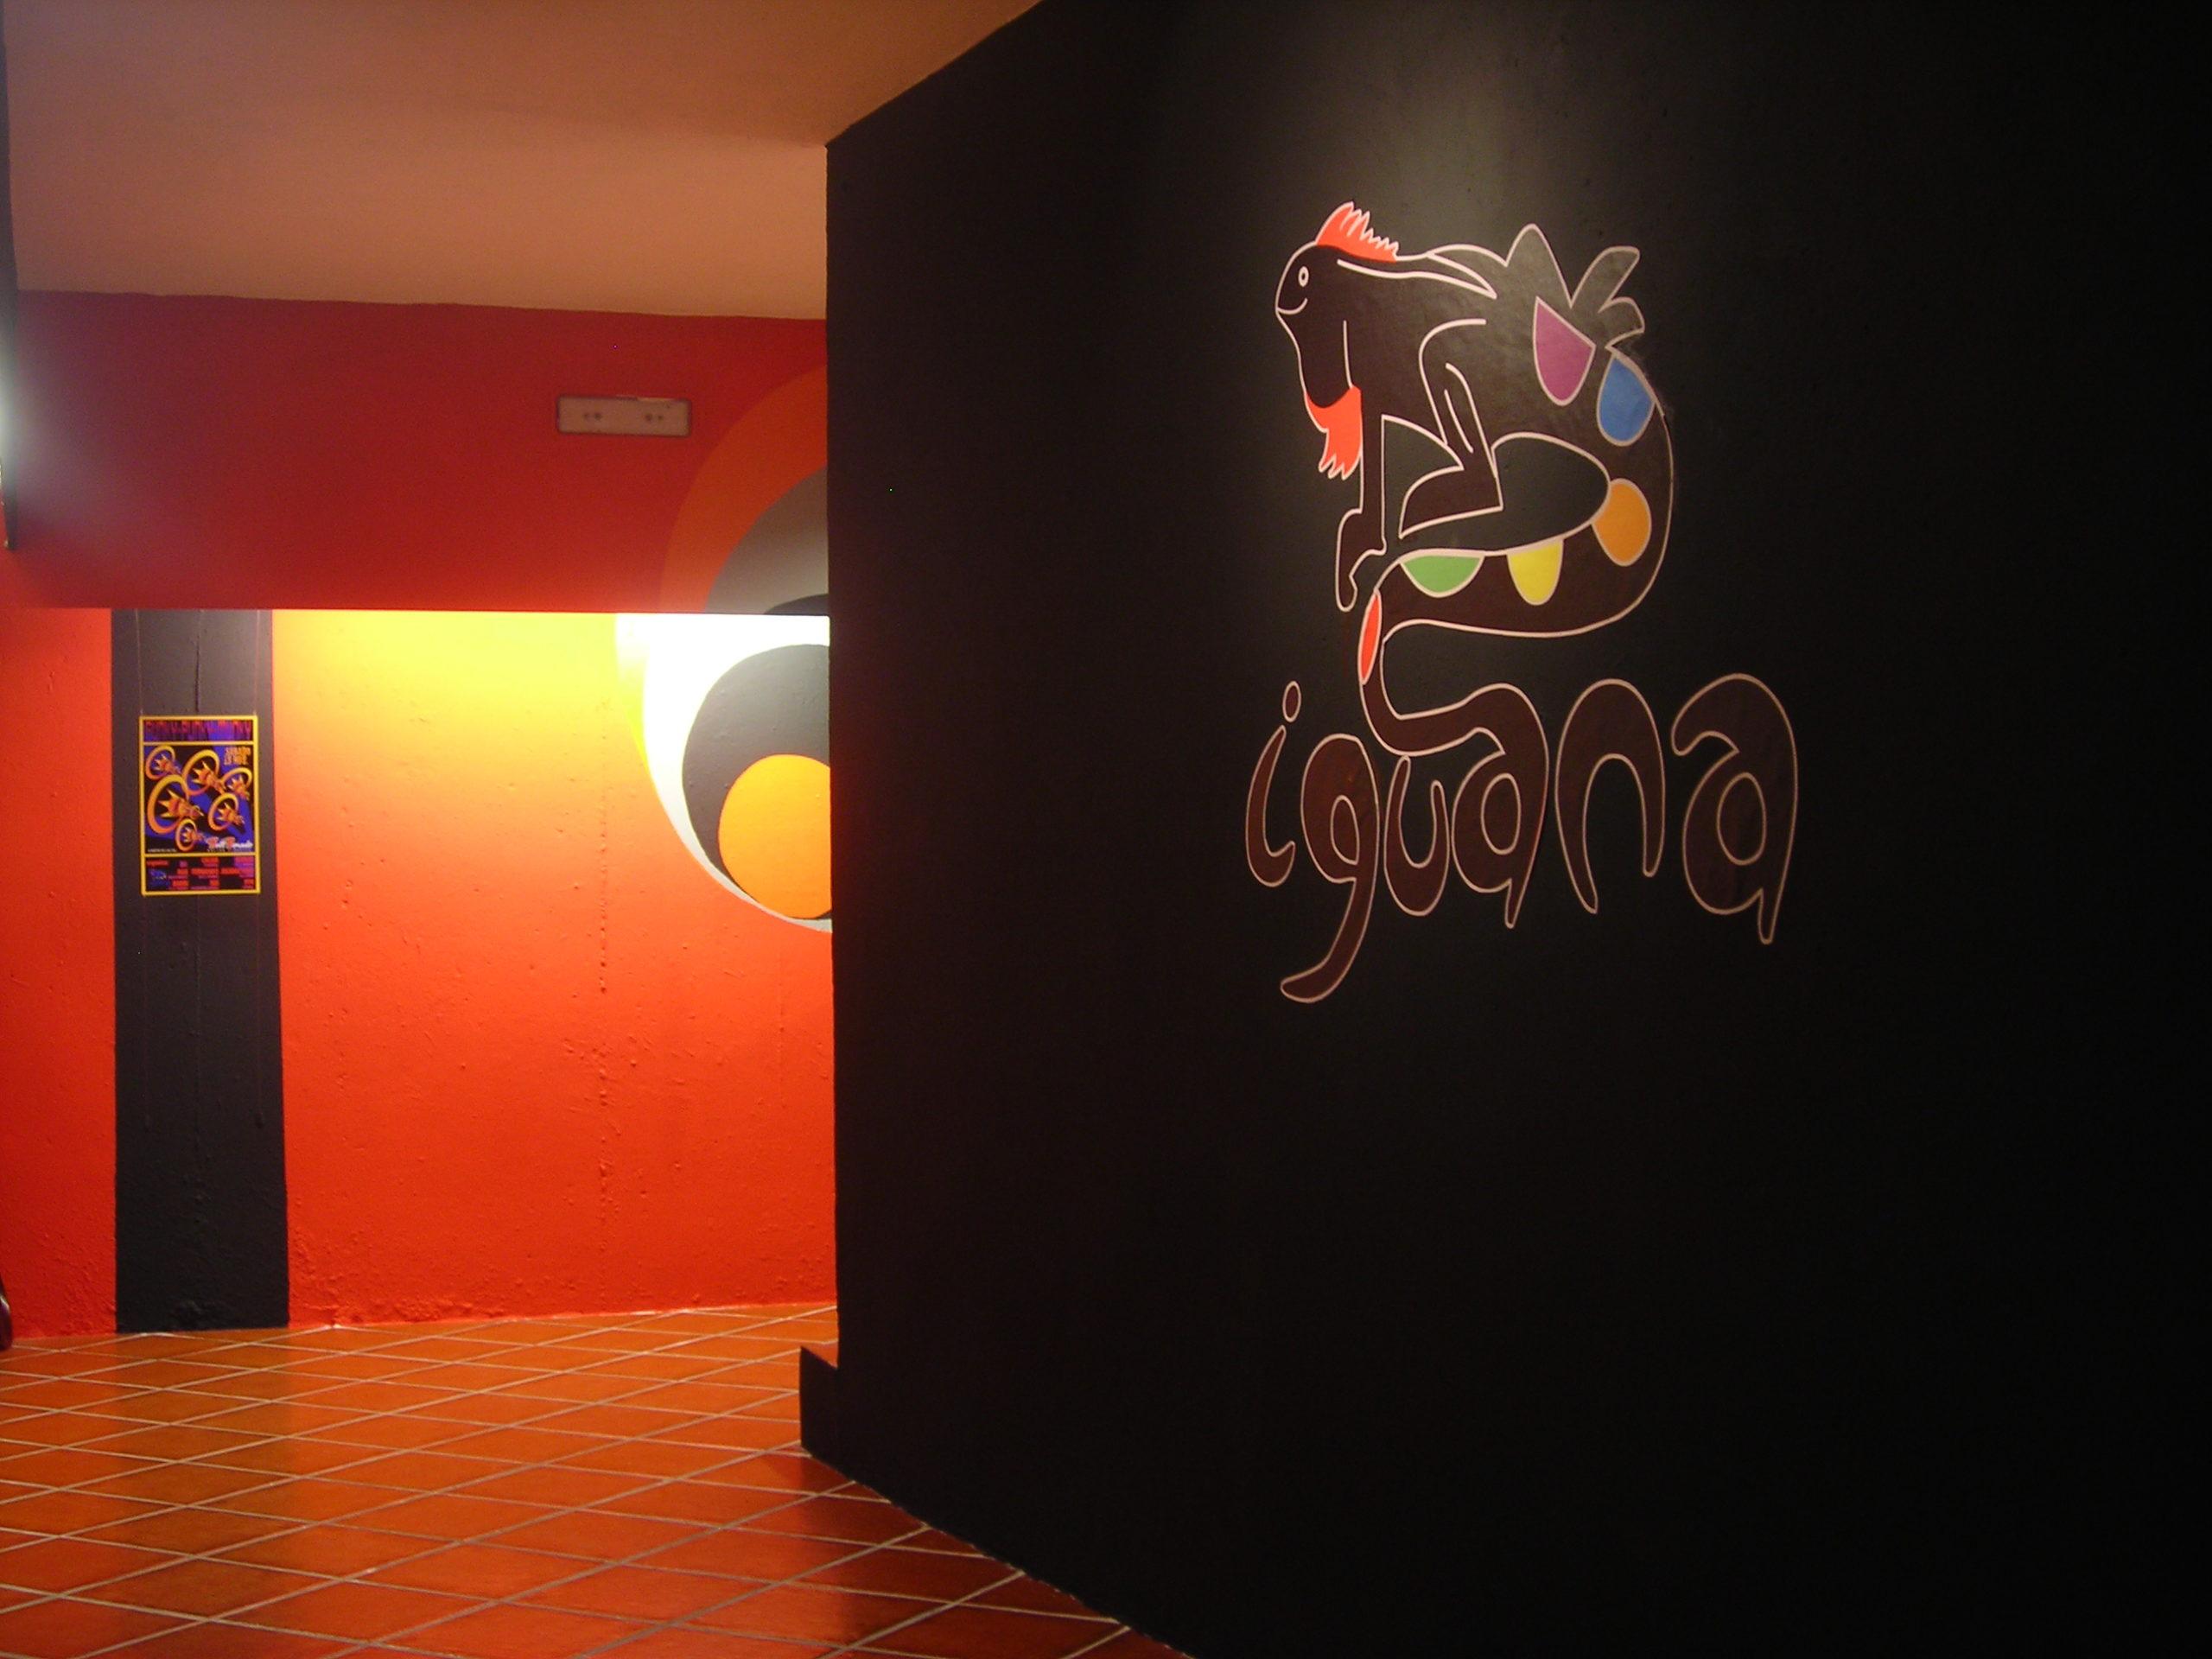 foto 2 zuloa iguana pablomad